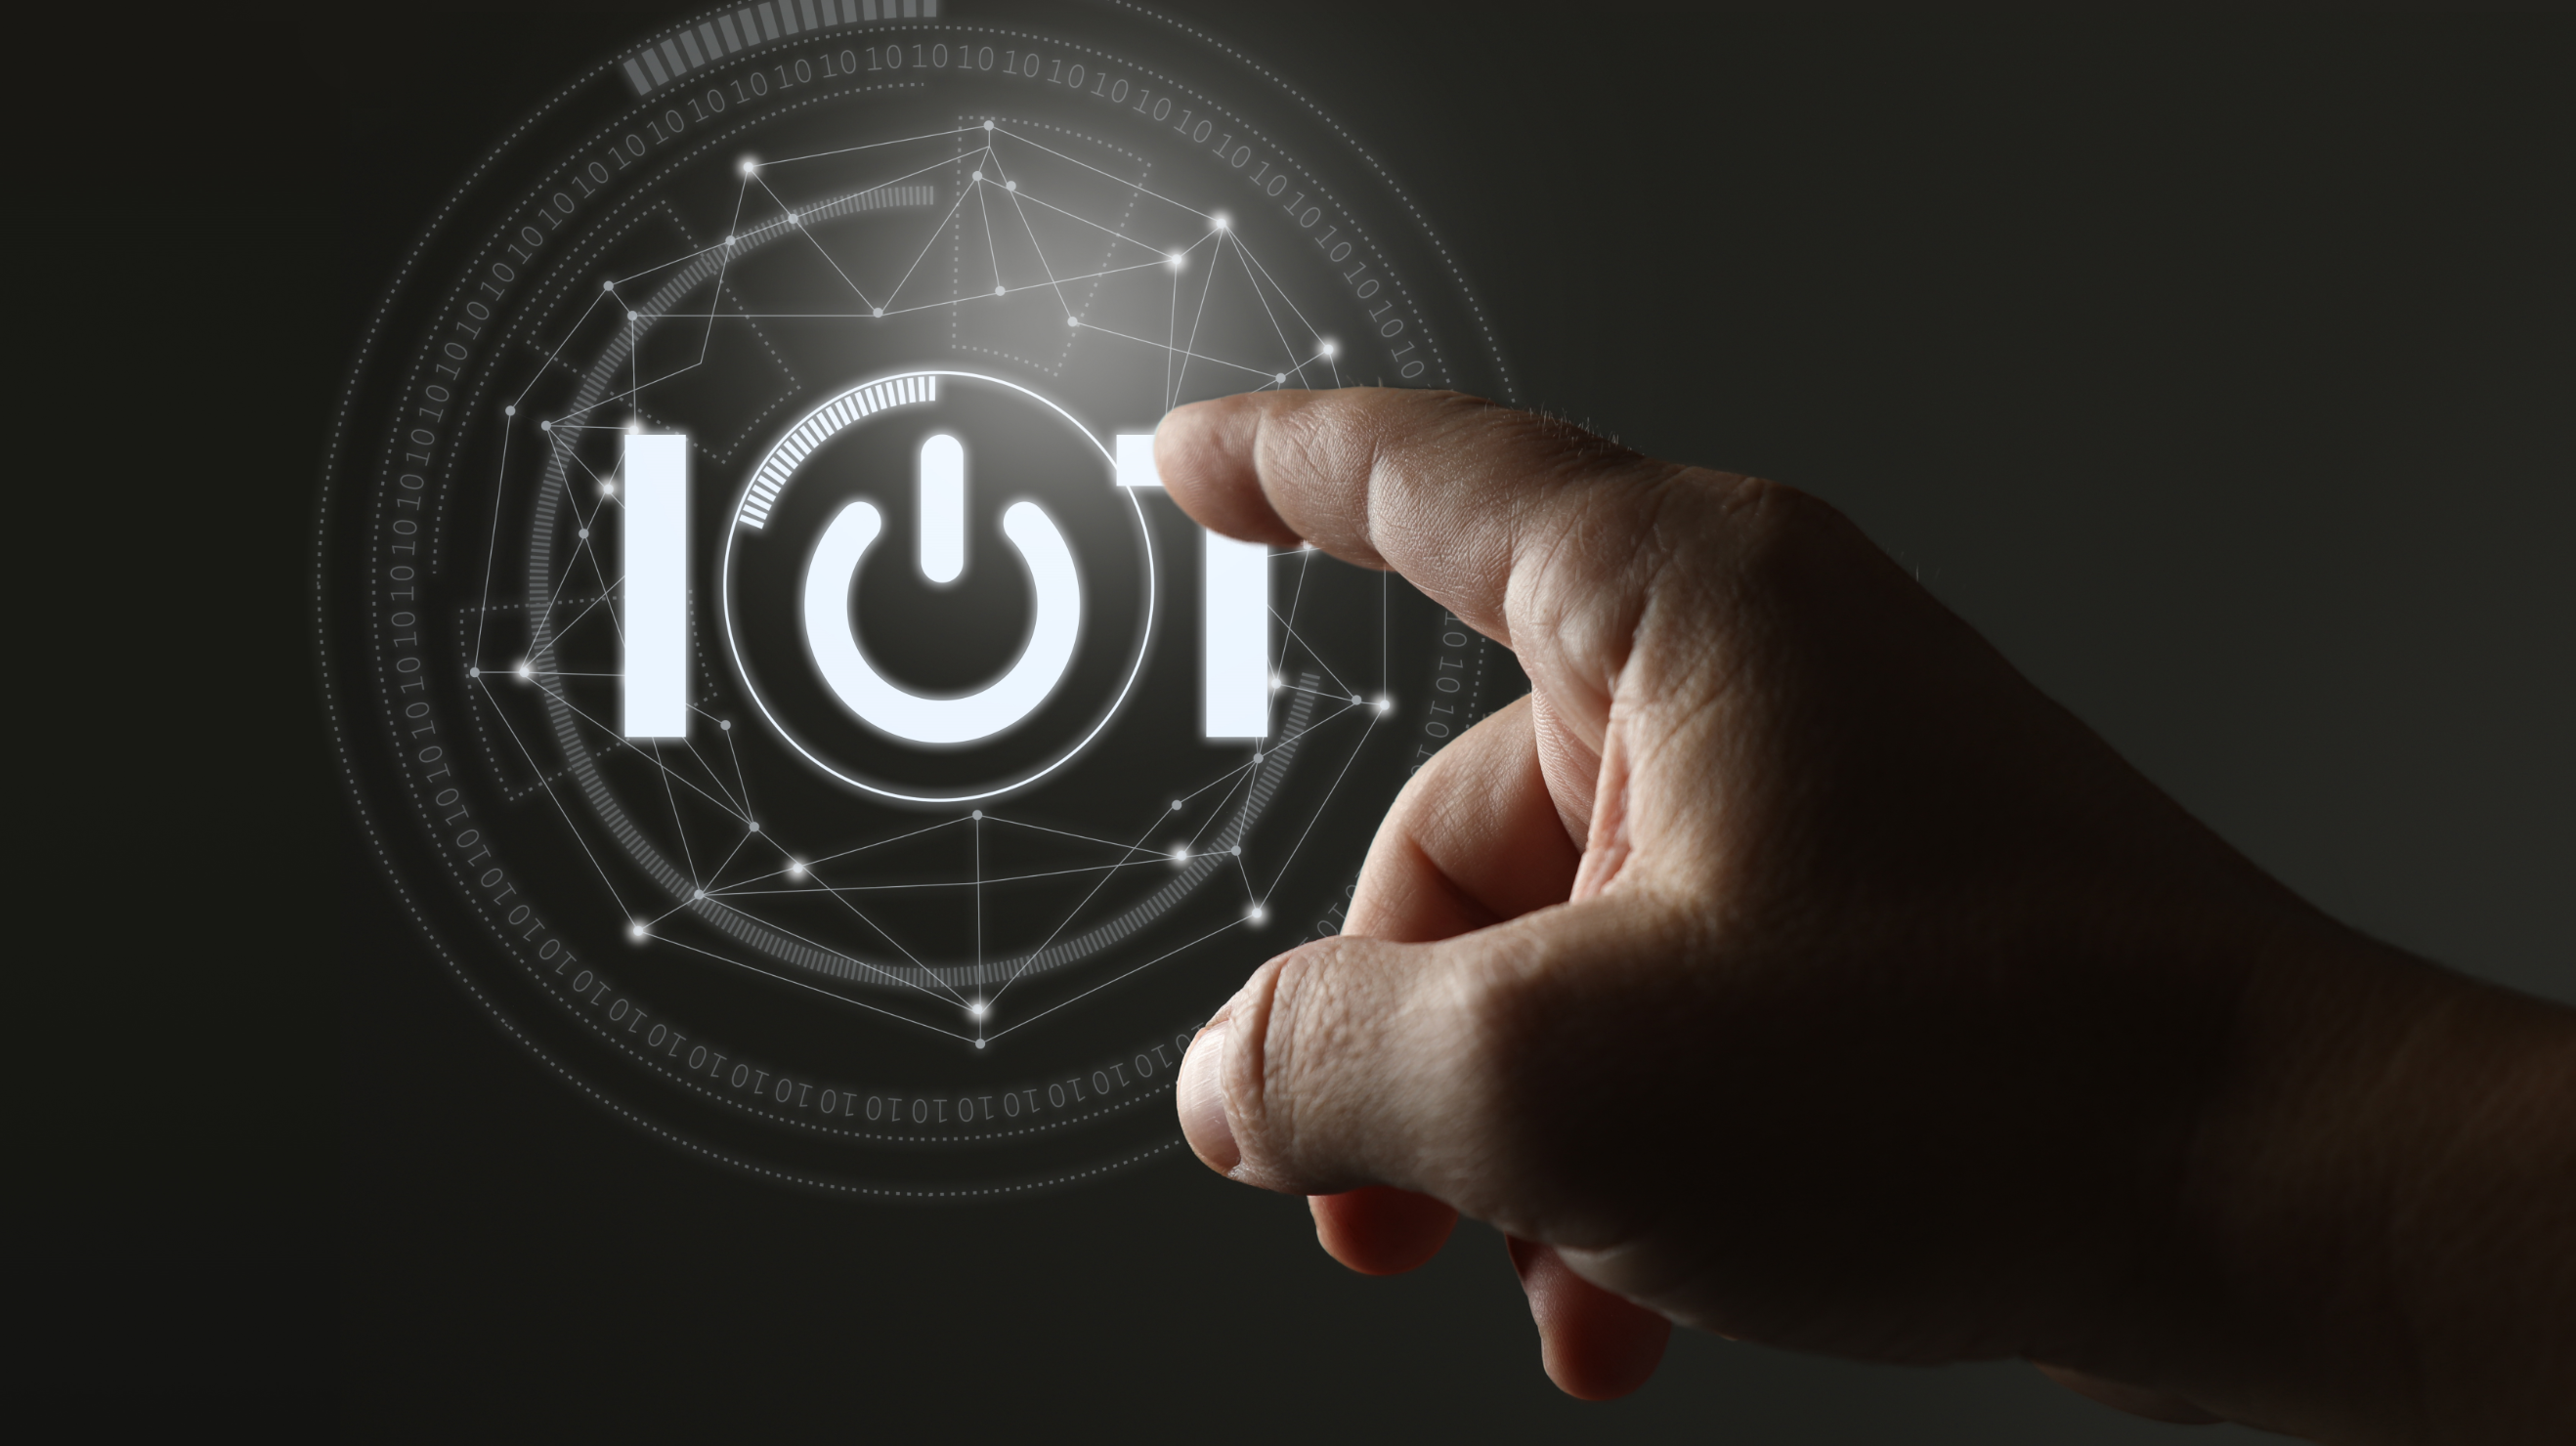 삼성SDS, Magic Quadrant for Industrial IoT Platforms, 2020, Gartner